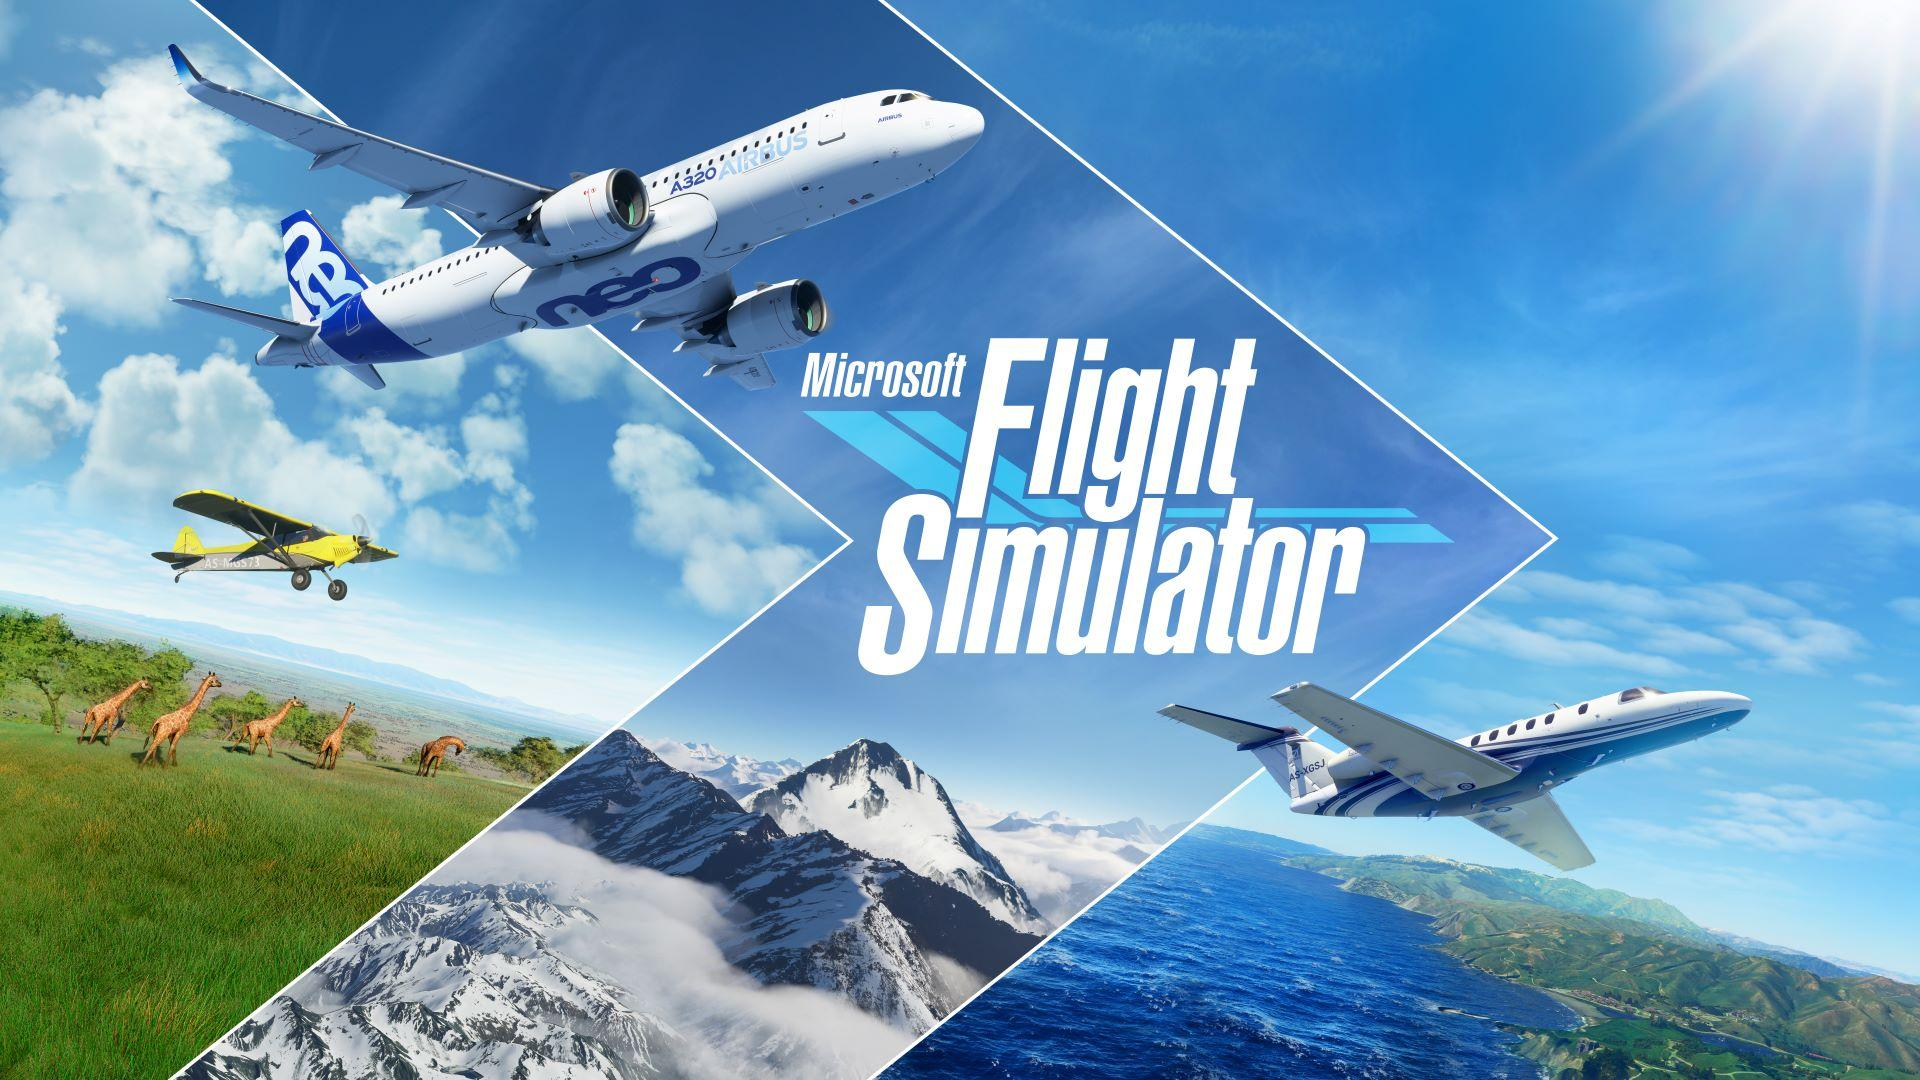 Une Autre Nouvelle Bande Annonce De Microsoft Flight Simulator A été